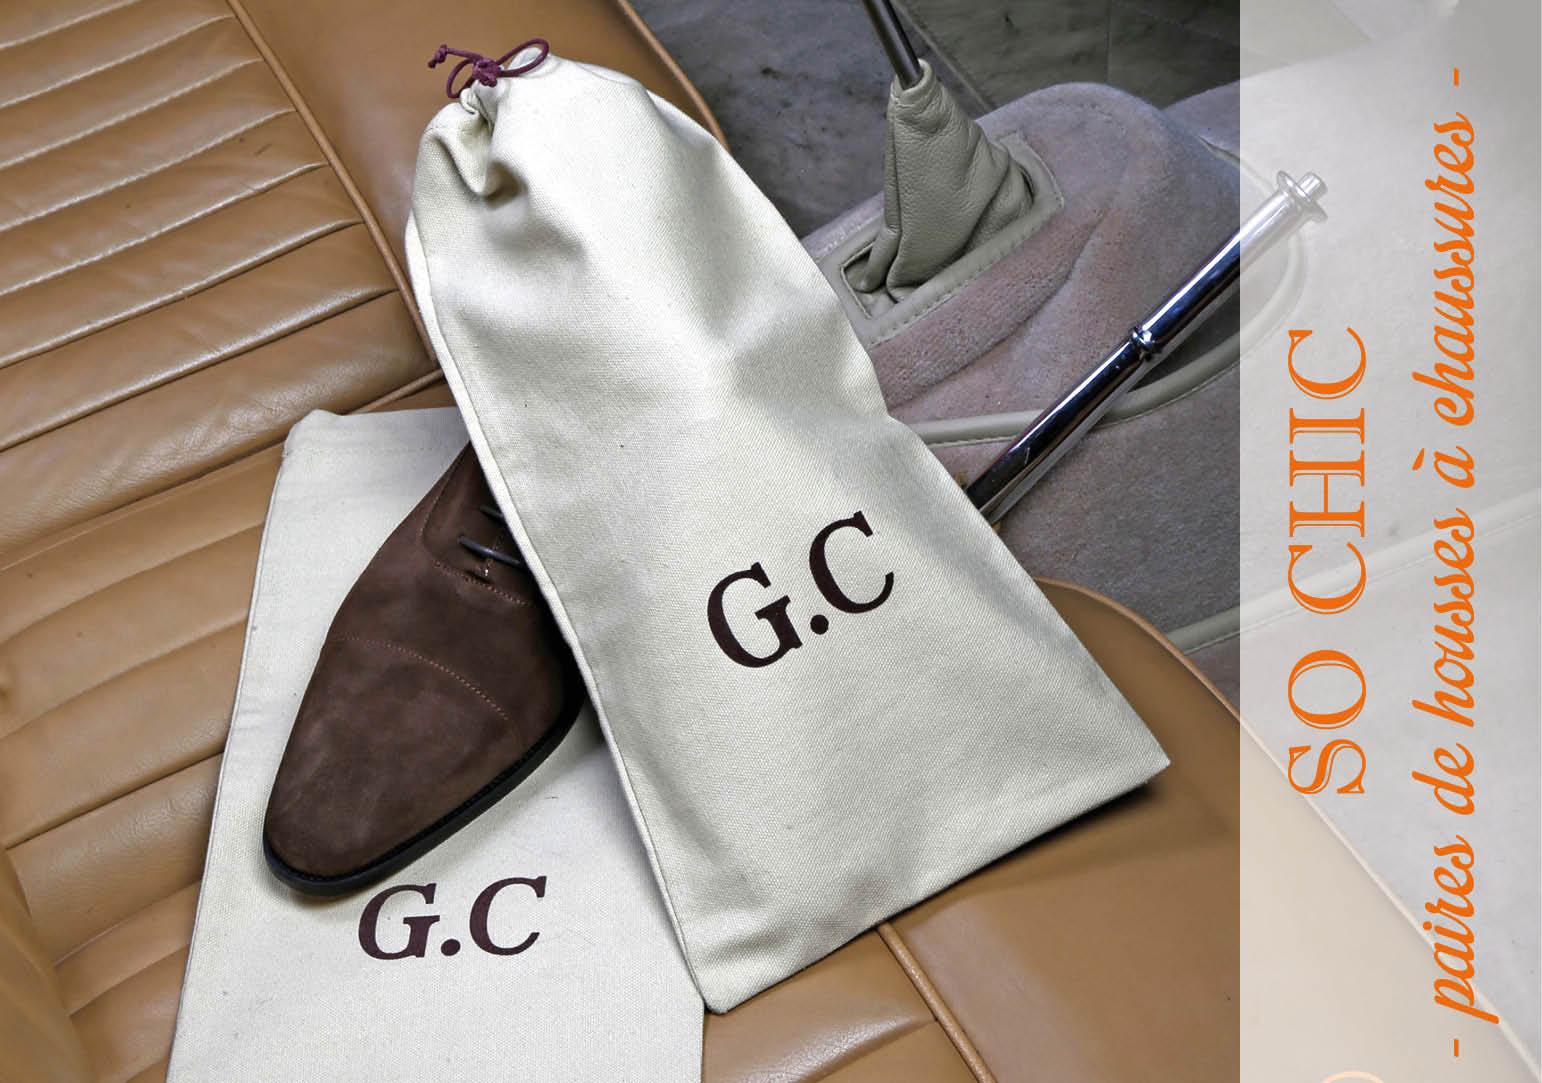 housses à chaussures beige personnalisées en marronby Matao